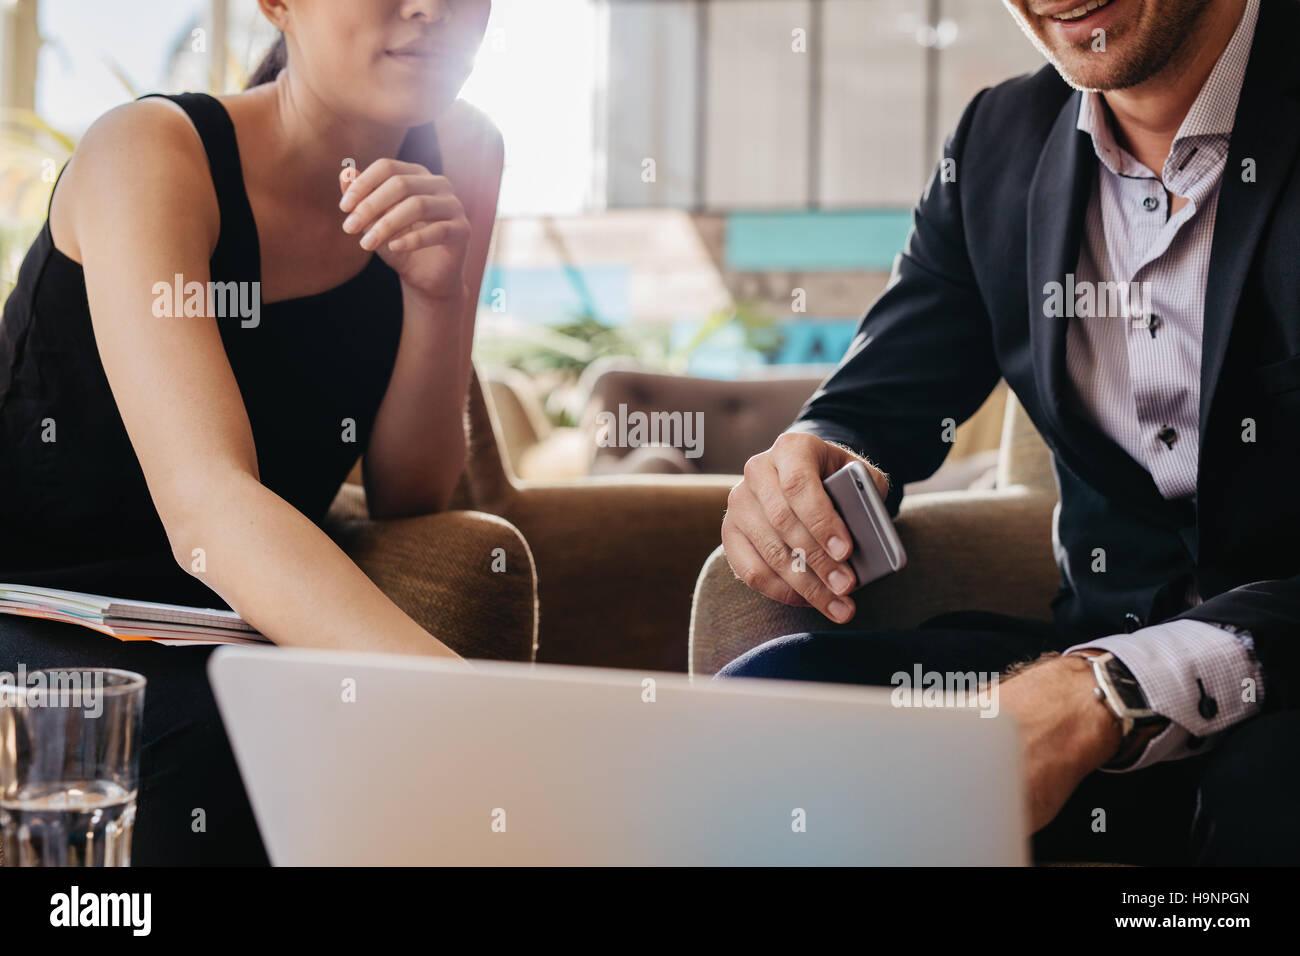 Aufnahme von zwei junge Geschäftsleute sitzen zusammen am Laptop arbeiten. Führungskräfte Treffen in einem Büro Stockfoto